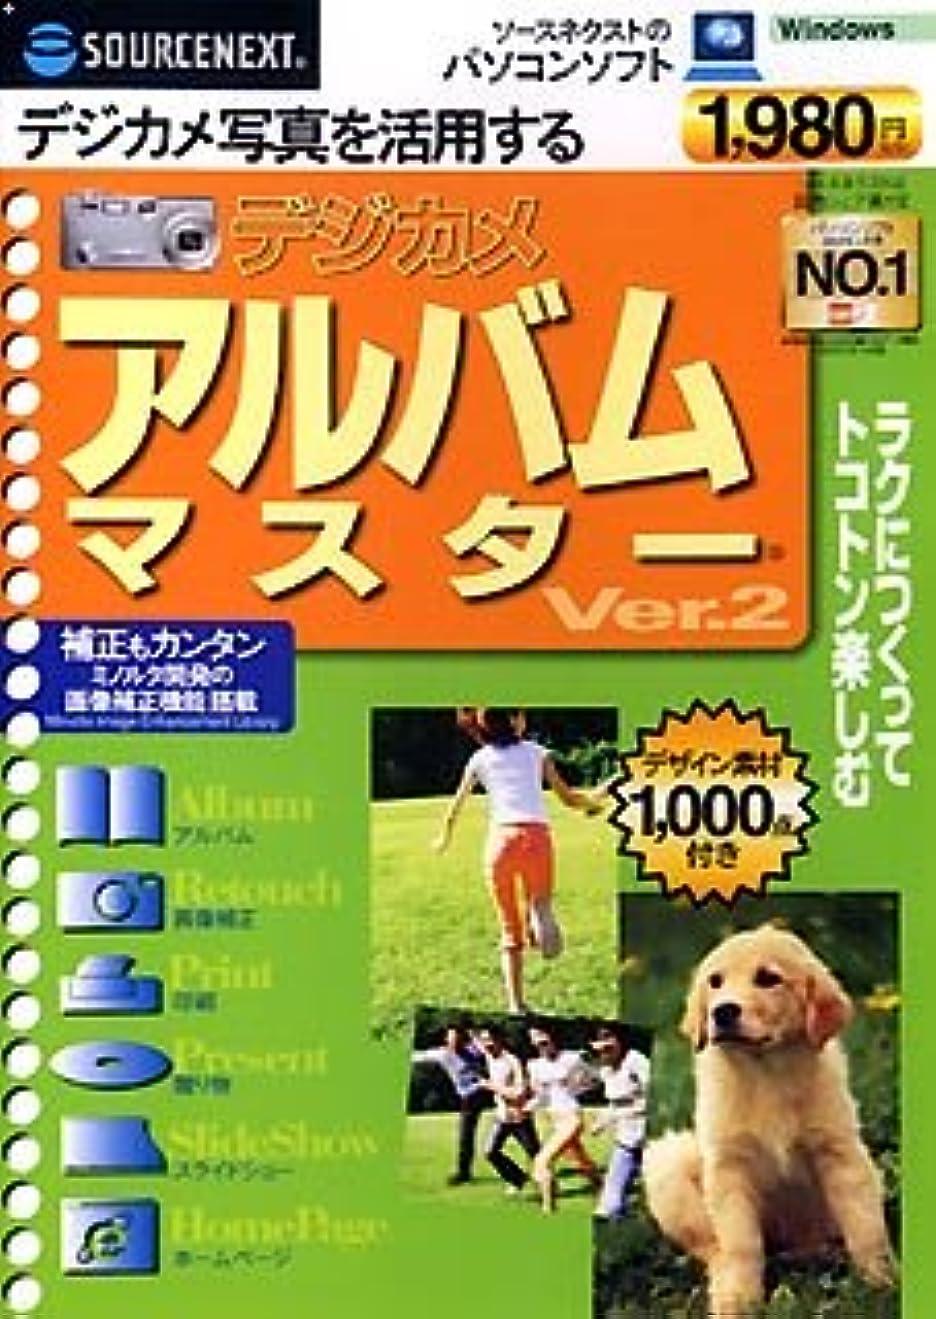 ローンスキップ栄養アルバムマスター Ver.2 (スリムパッケージ版)